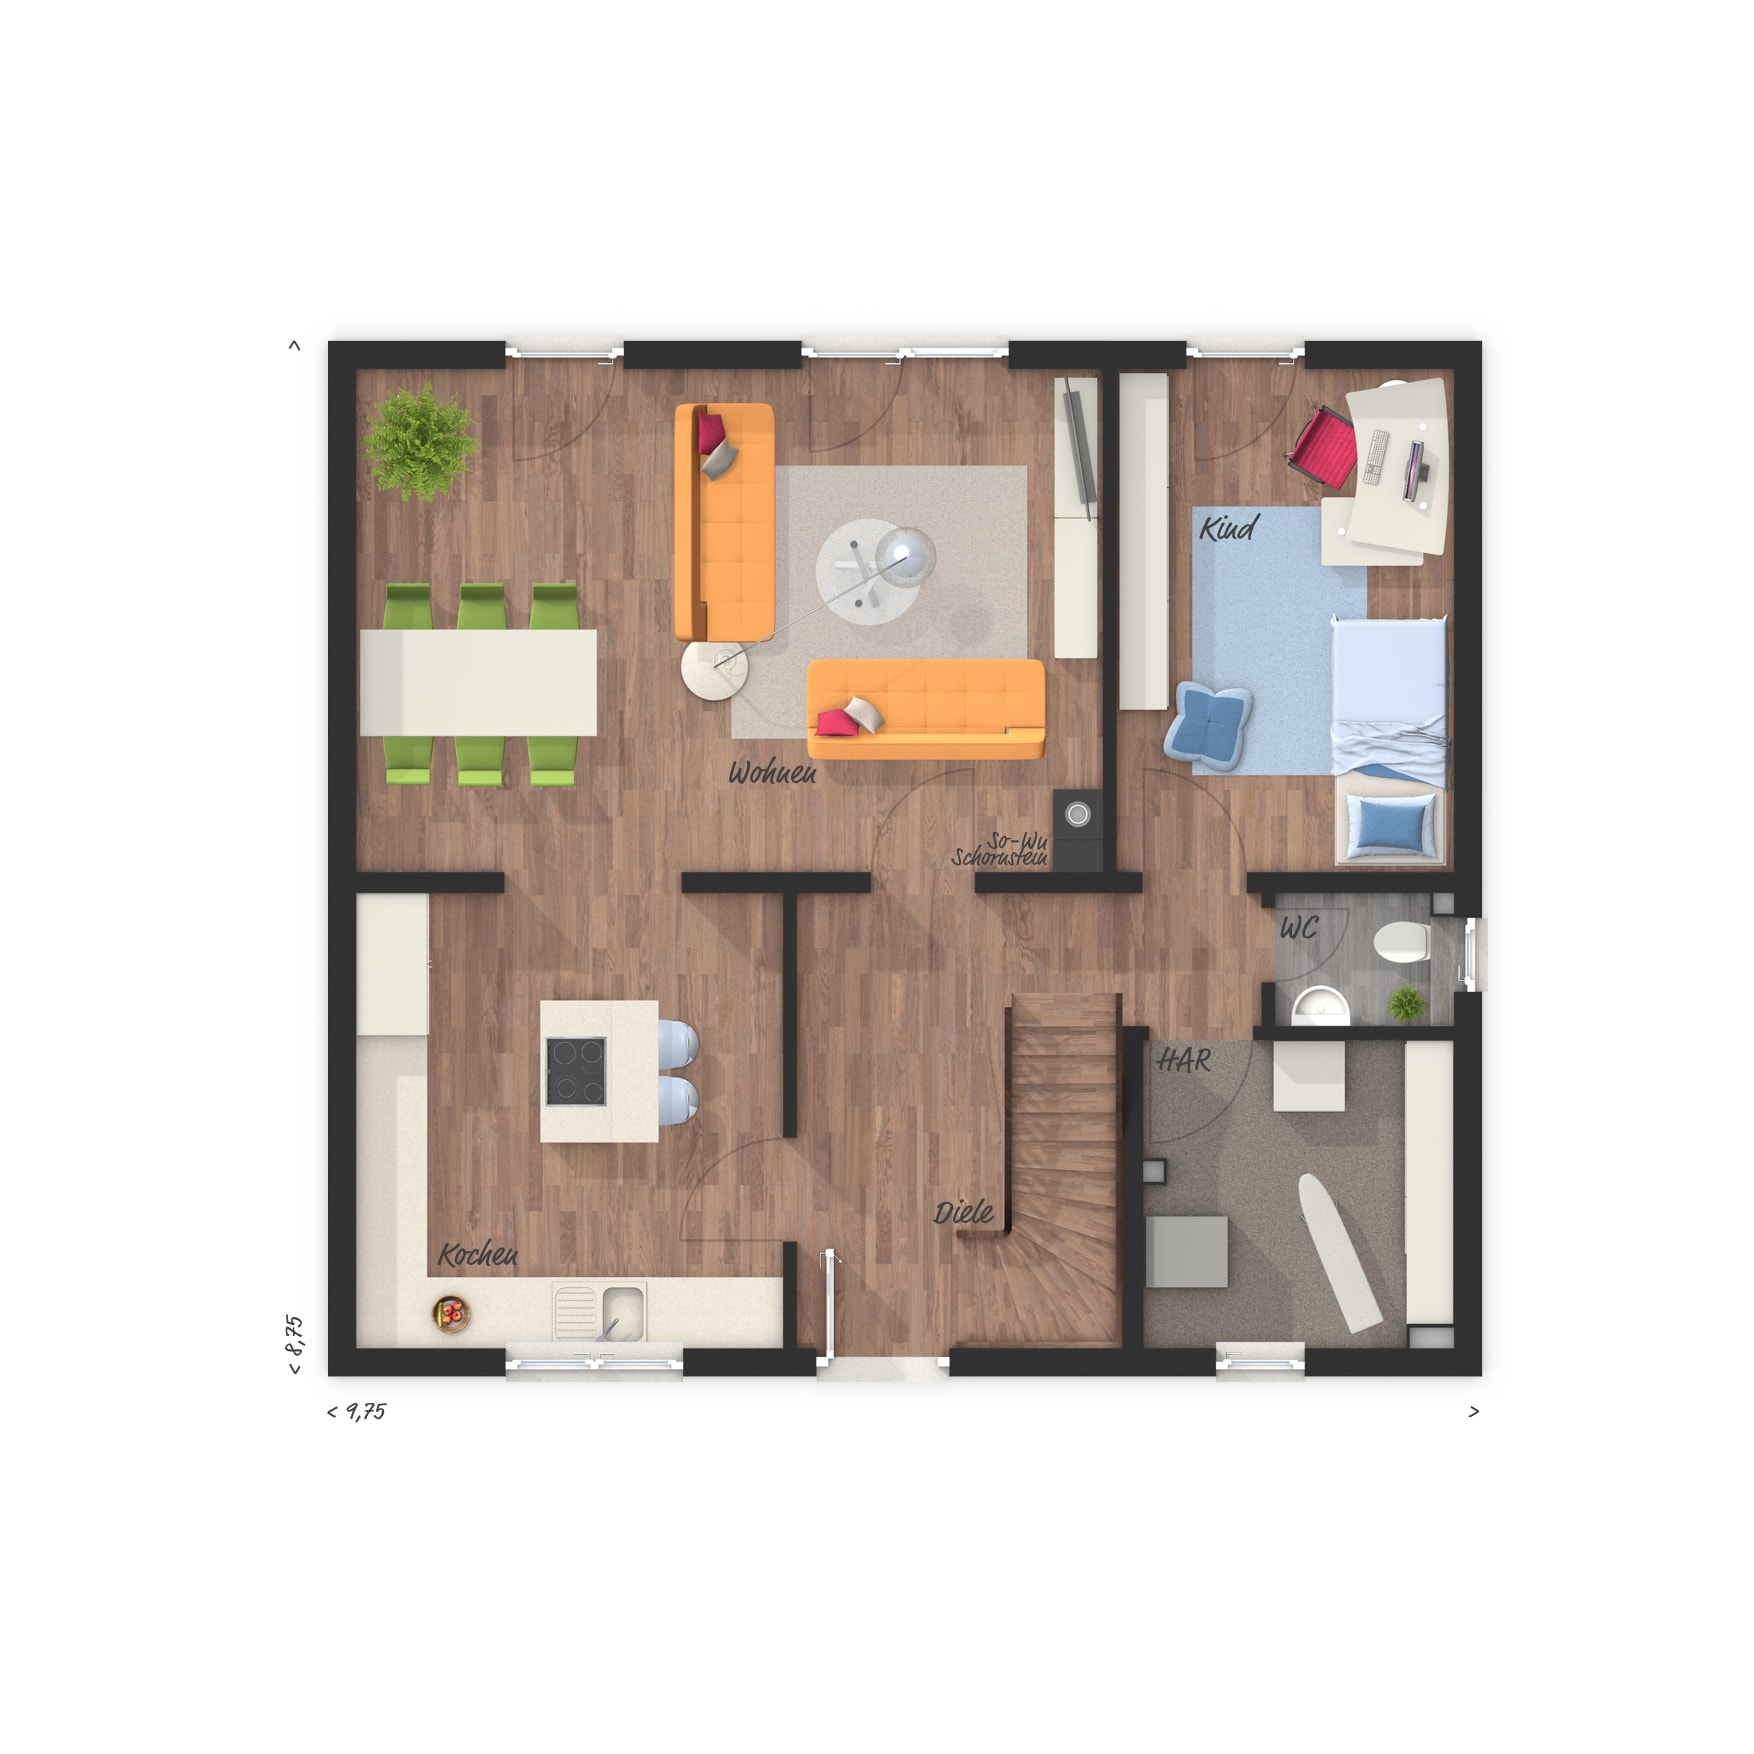 Grundriss Einfamilienhaus Erdgeschoss mit Kinderzimmer - Town Country Haus Flair 125 - HausbauDirekt.de